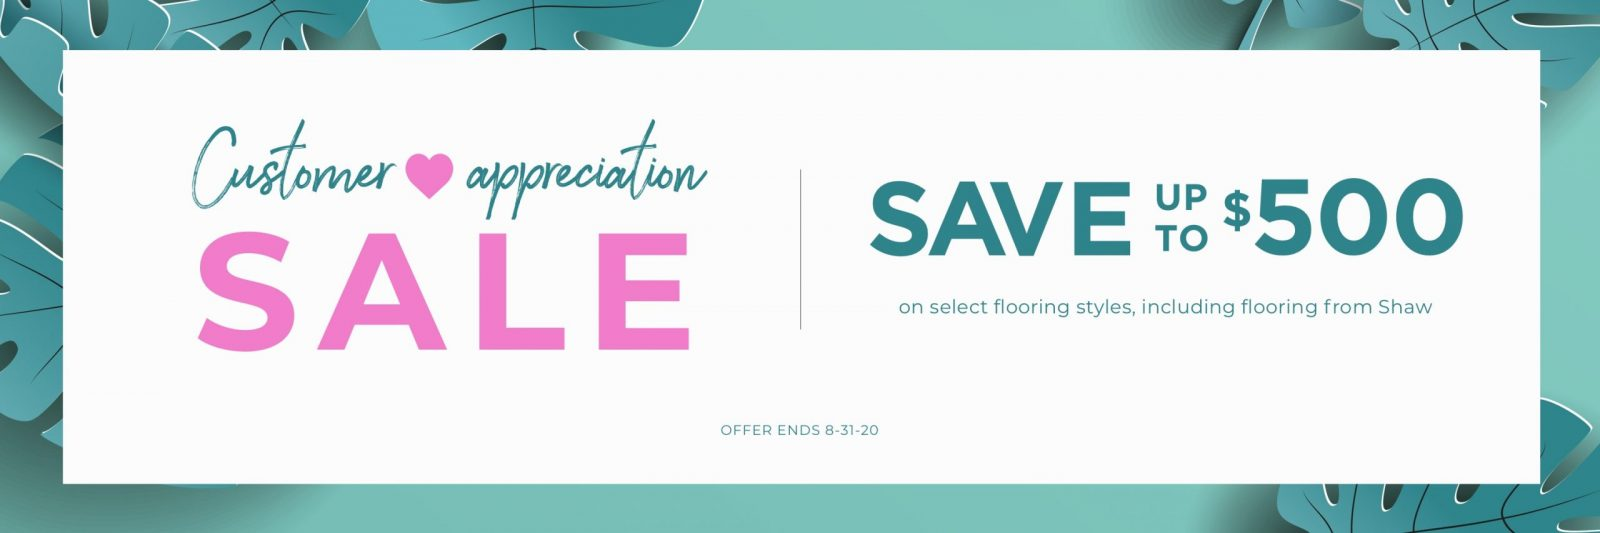 Customer Appreciation Sale | Boyle's Floor & Window Designs